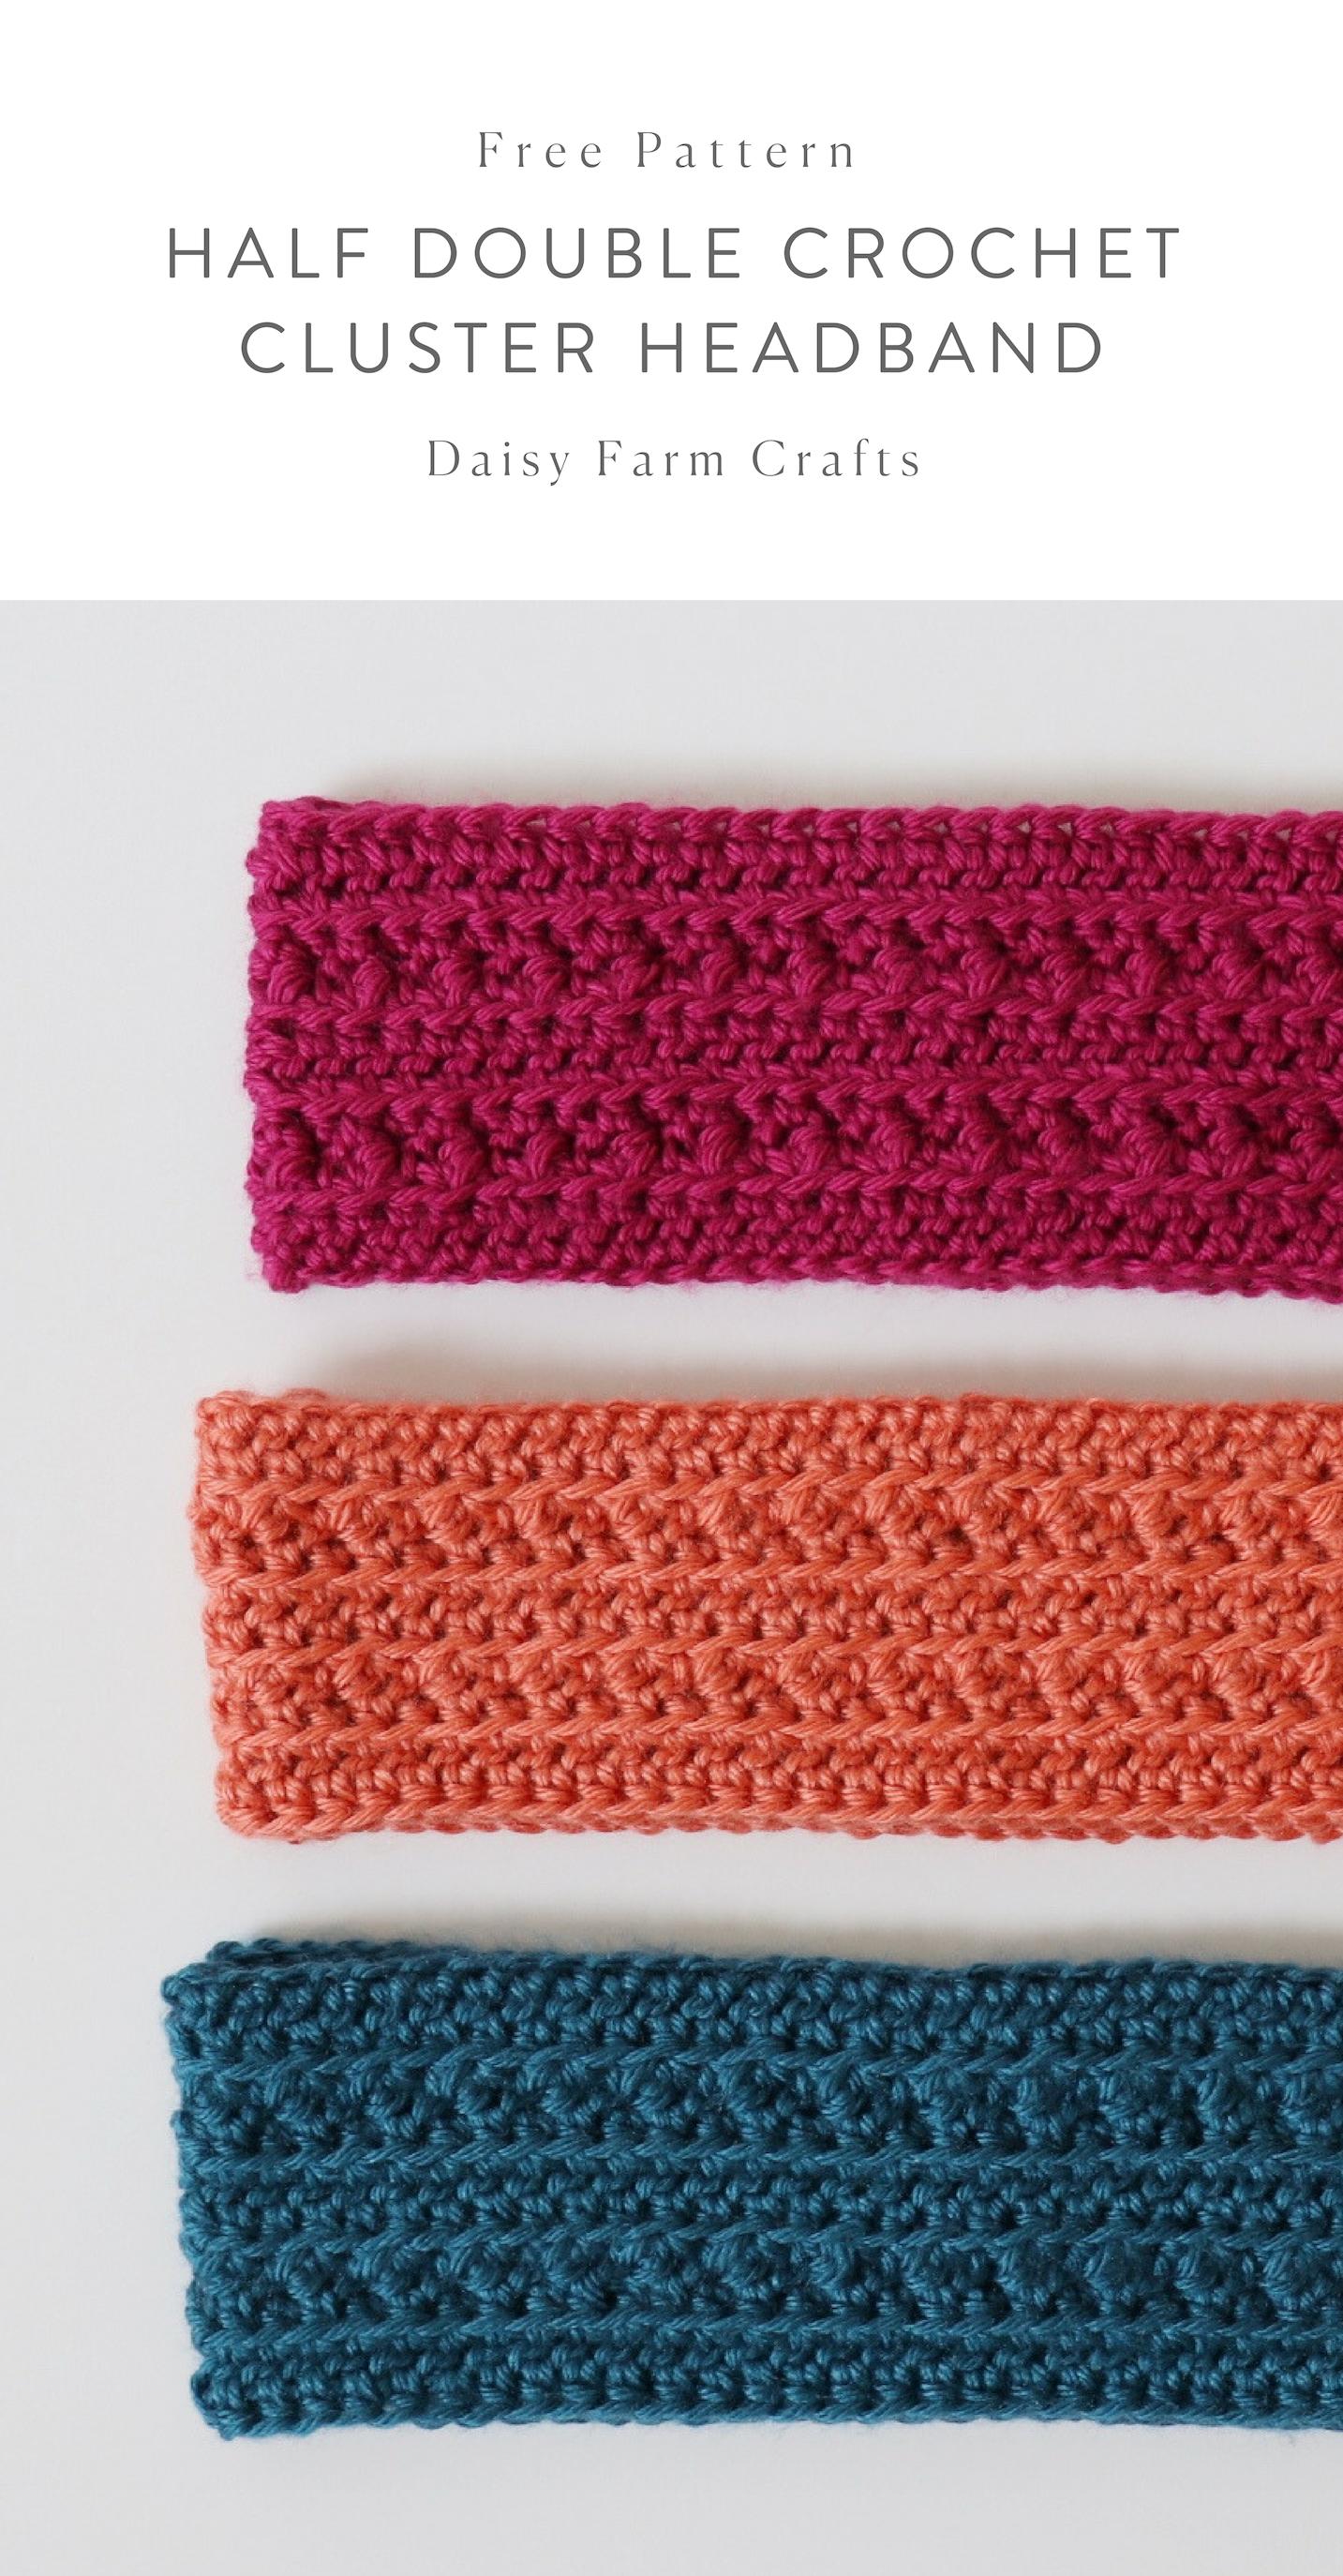 Free Pattern - Half Double Crochet Cluster Headband